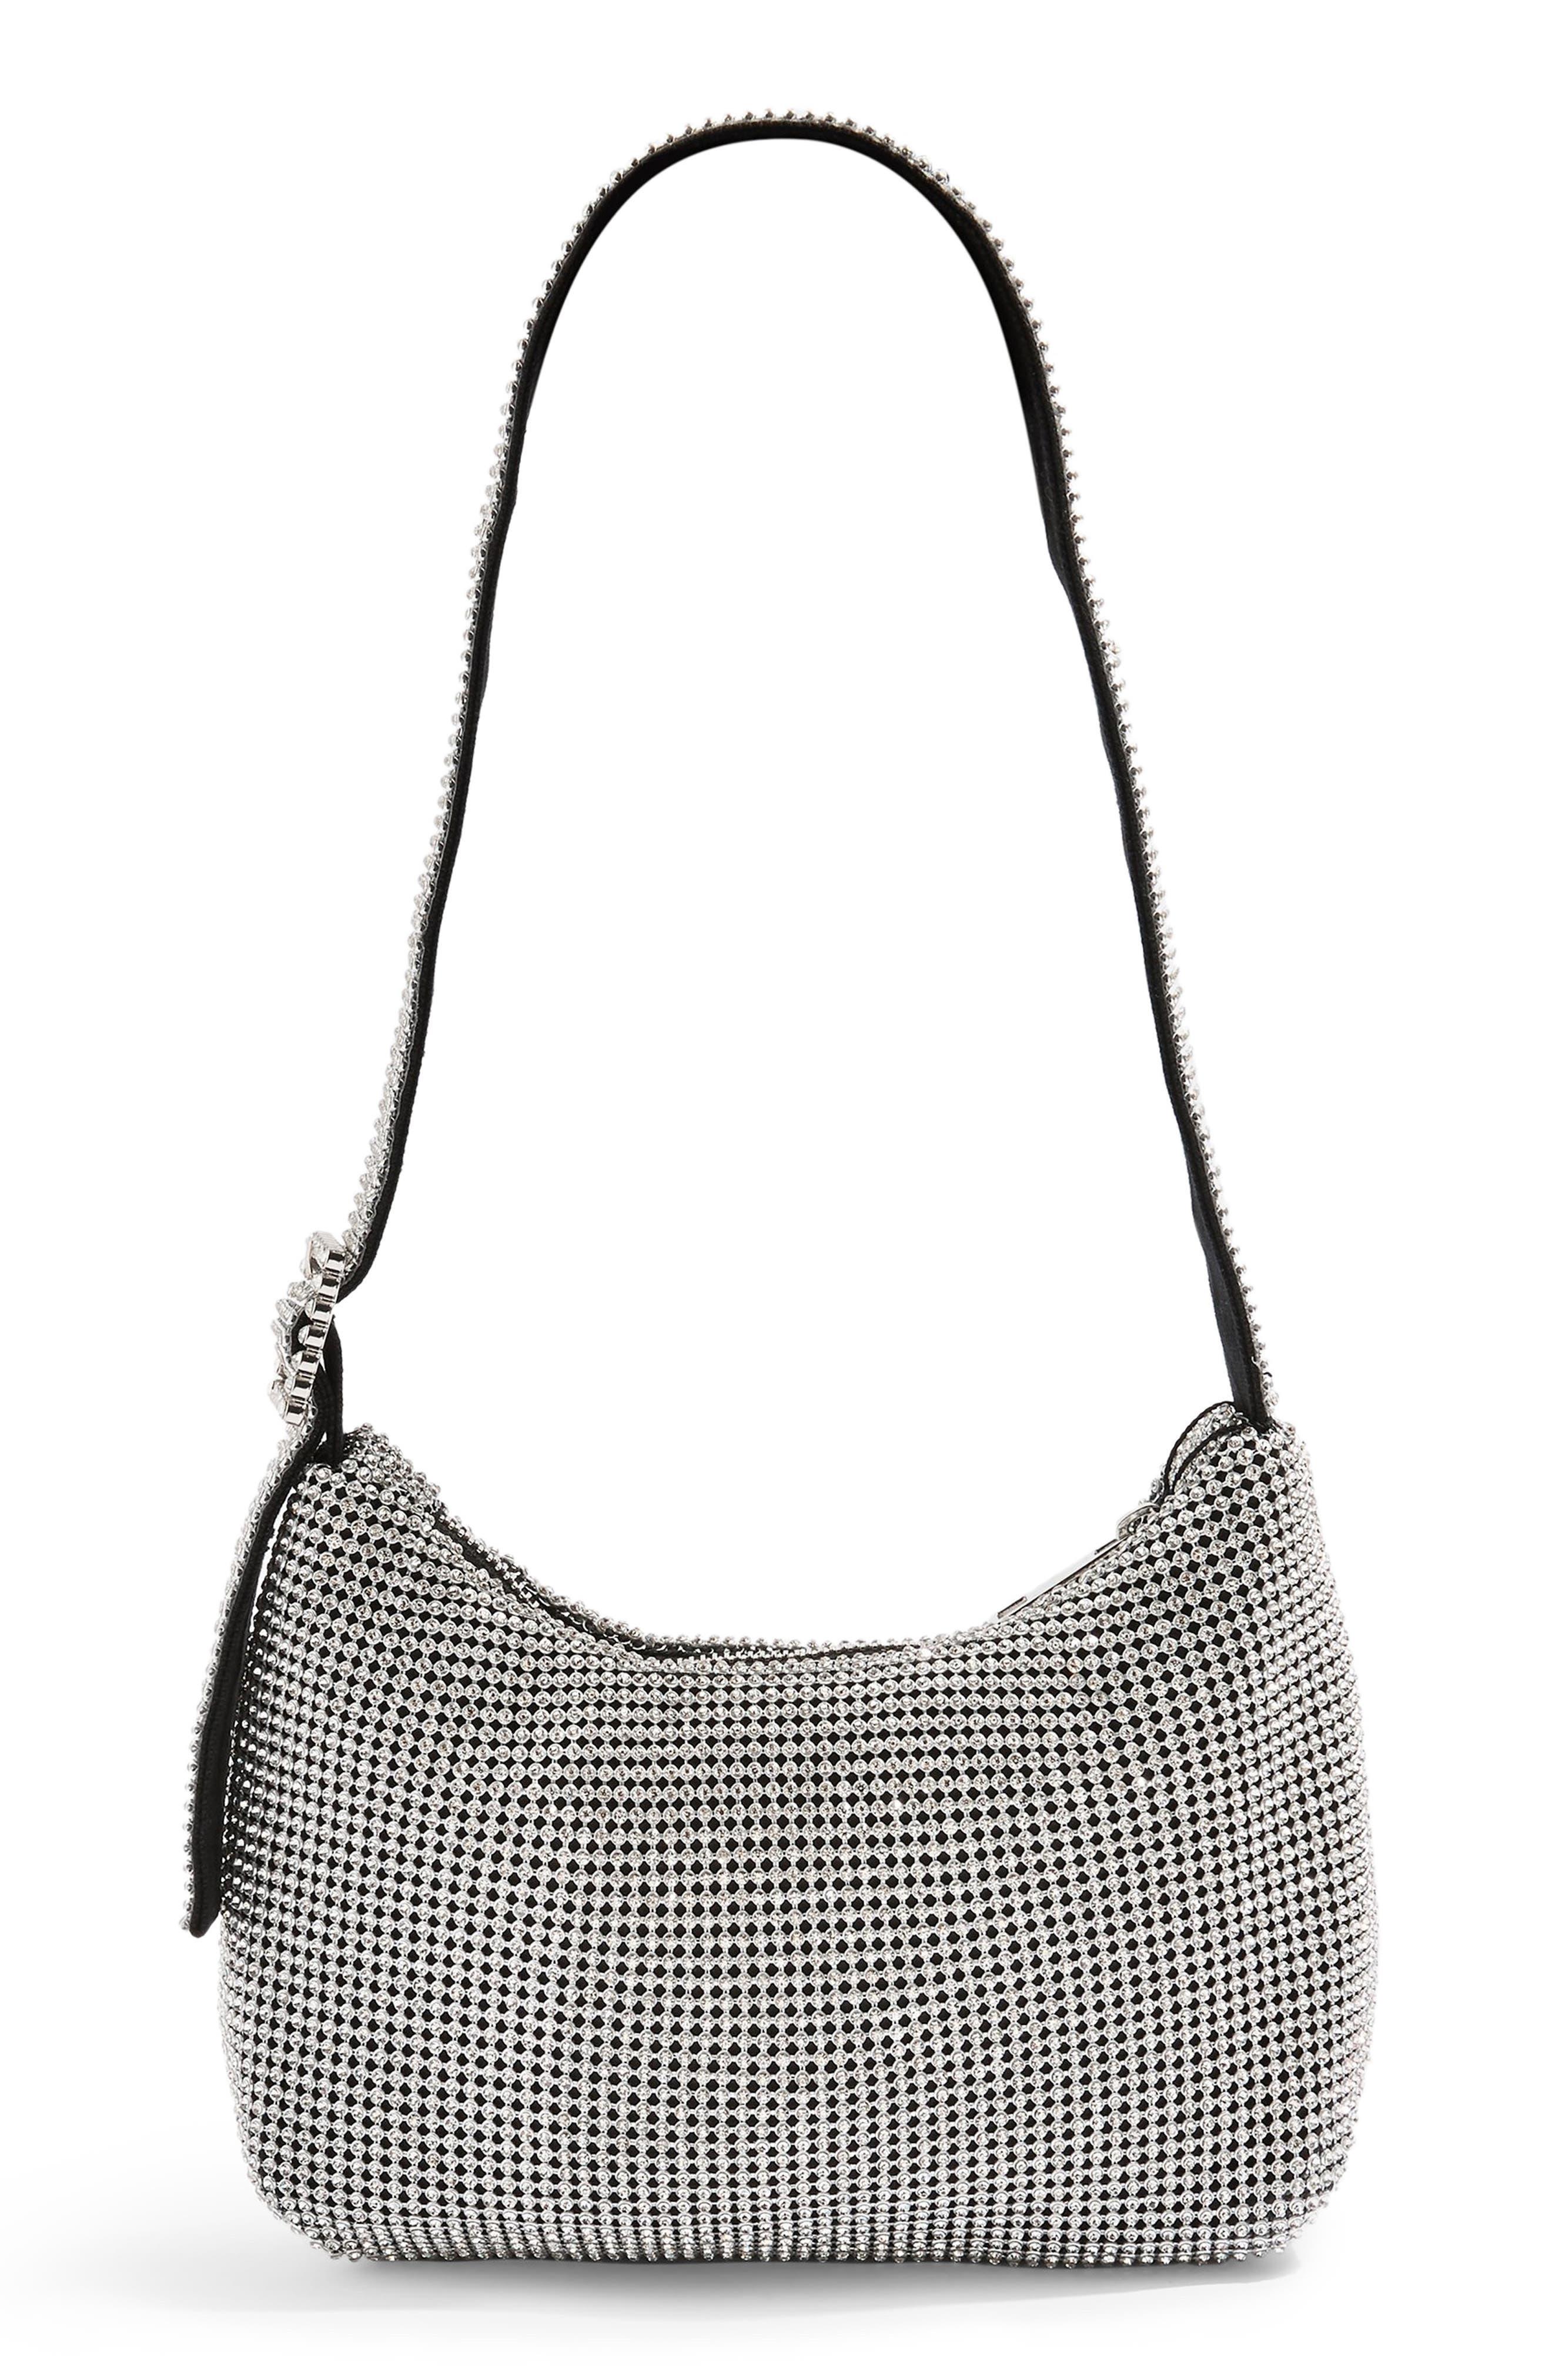 9031909eaa9d Topshop Shoulder Bags